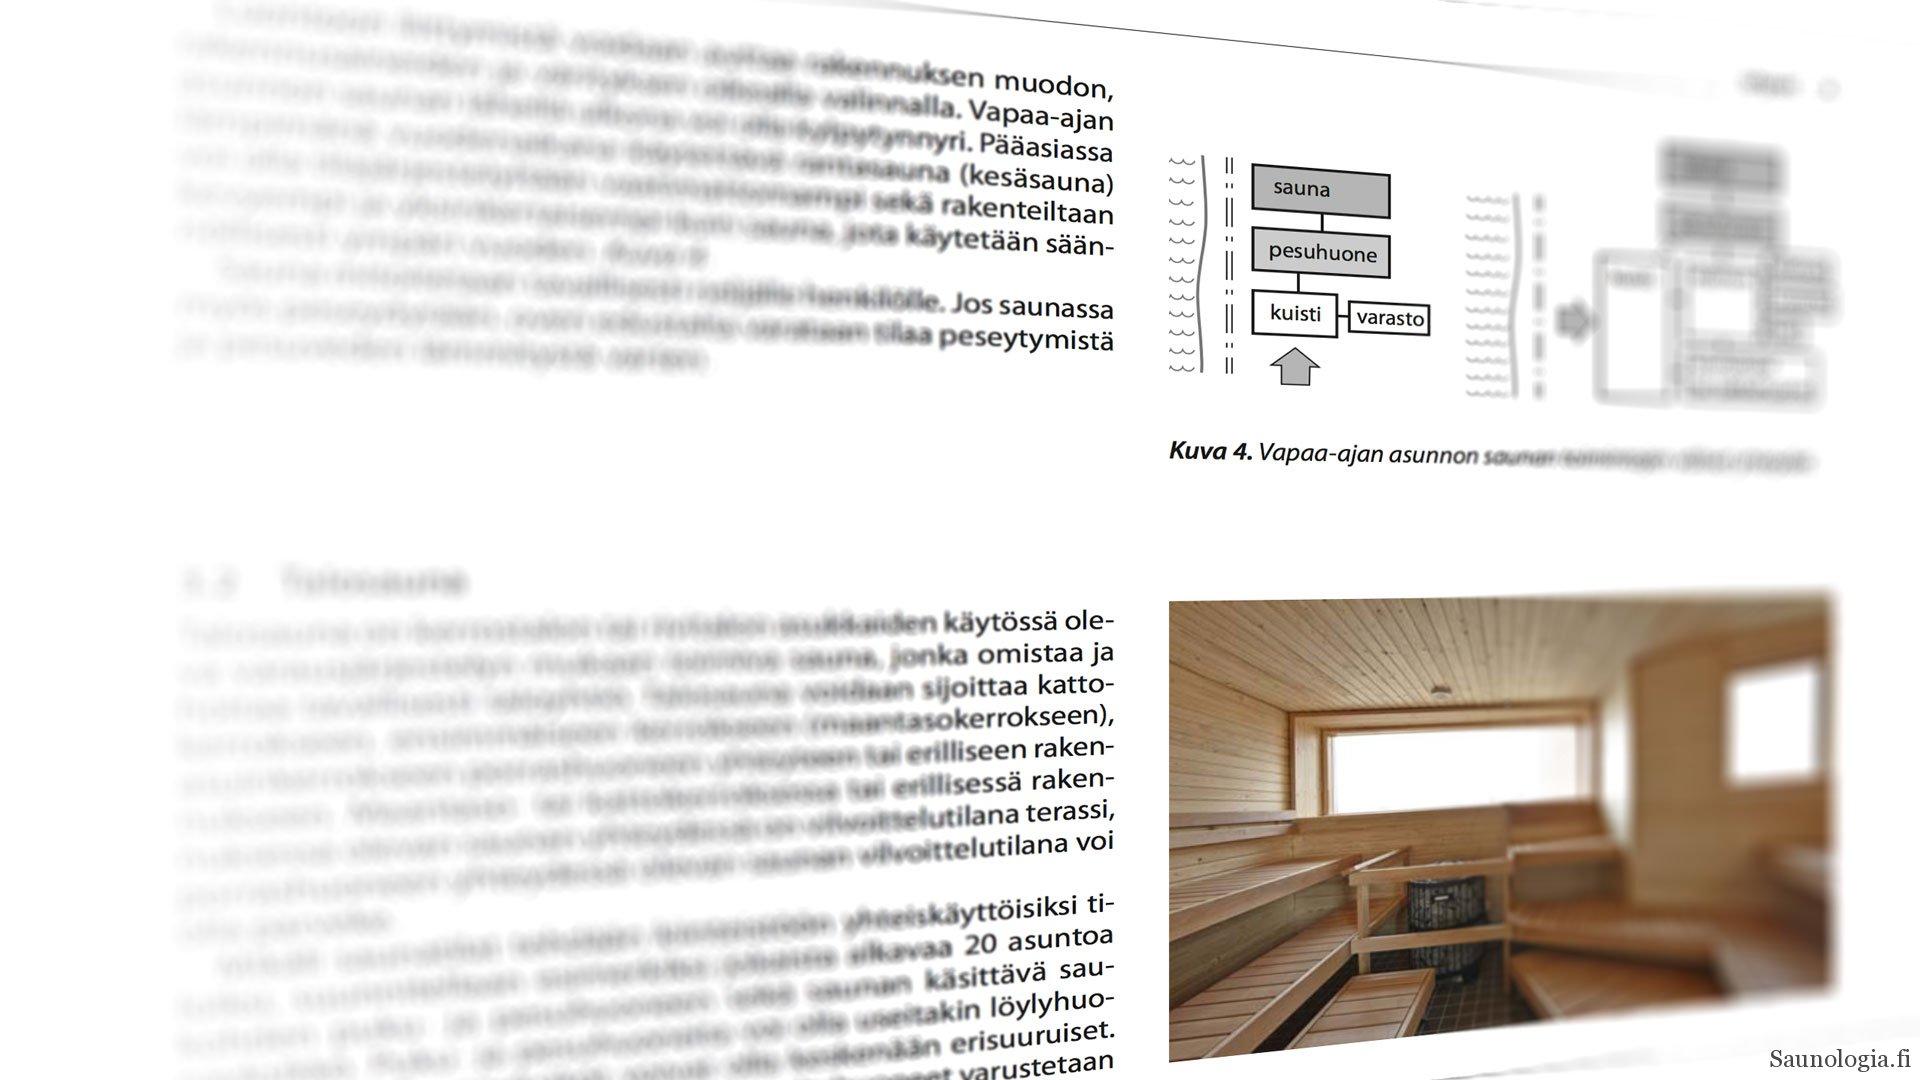 Virallinen saunanrakennusohjeisto päivittyi – RT:n saunakorttiuudistus